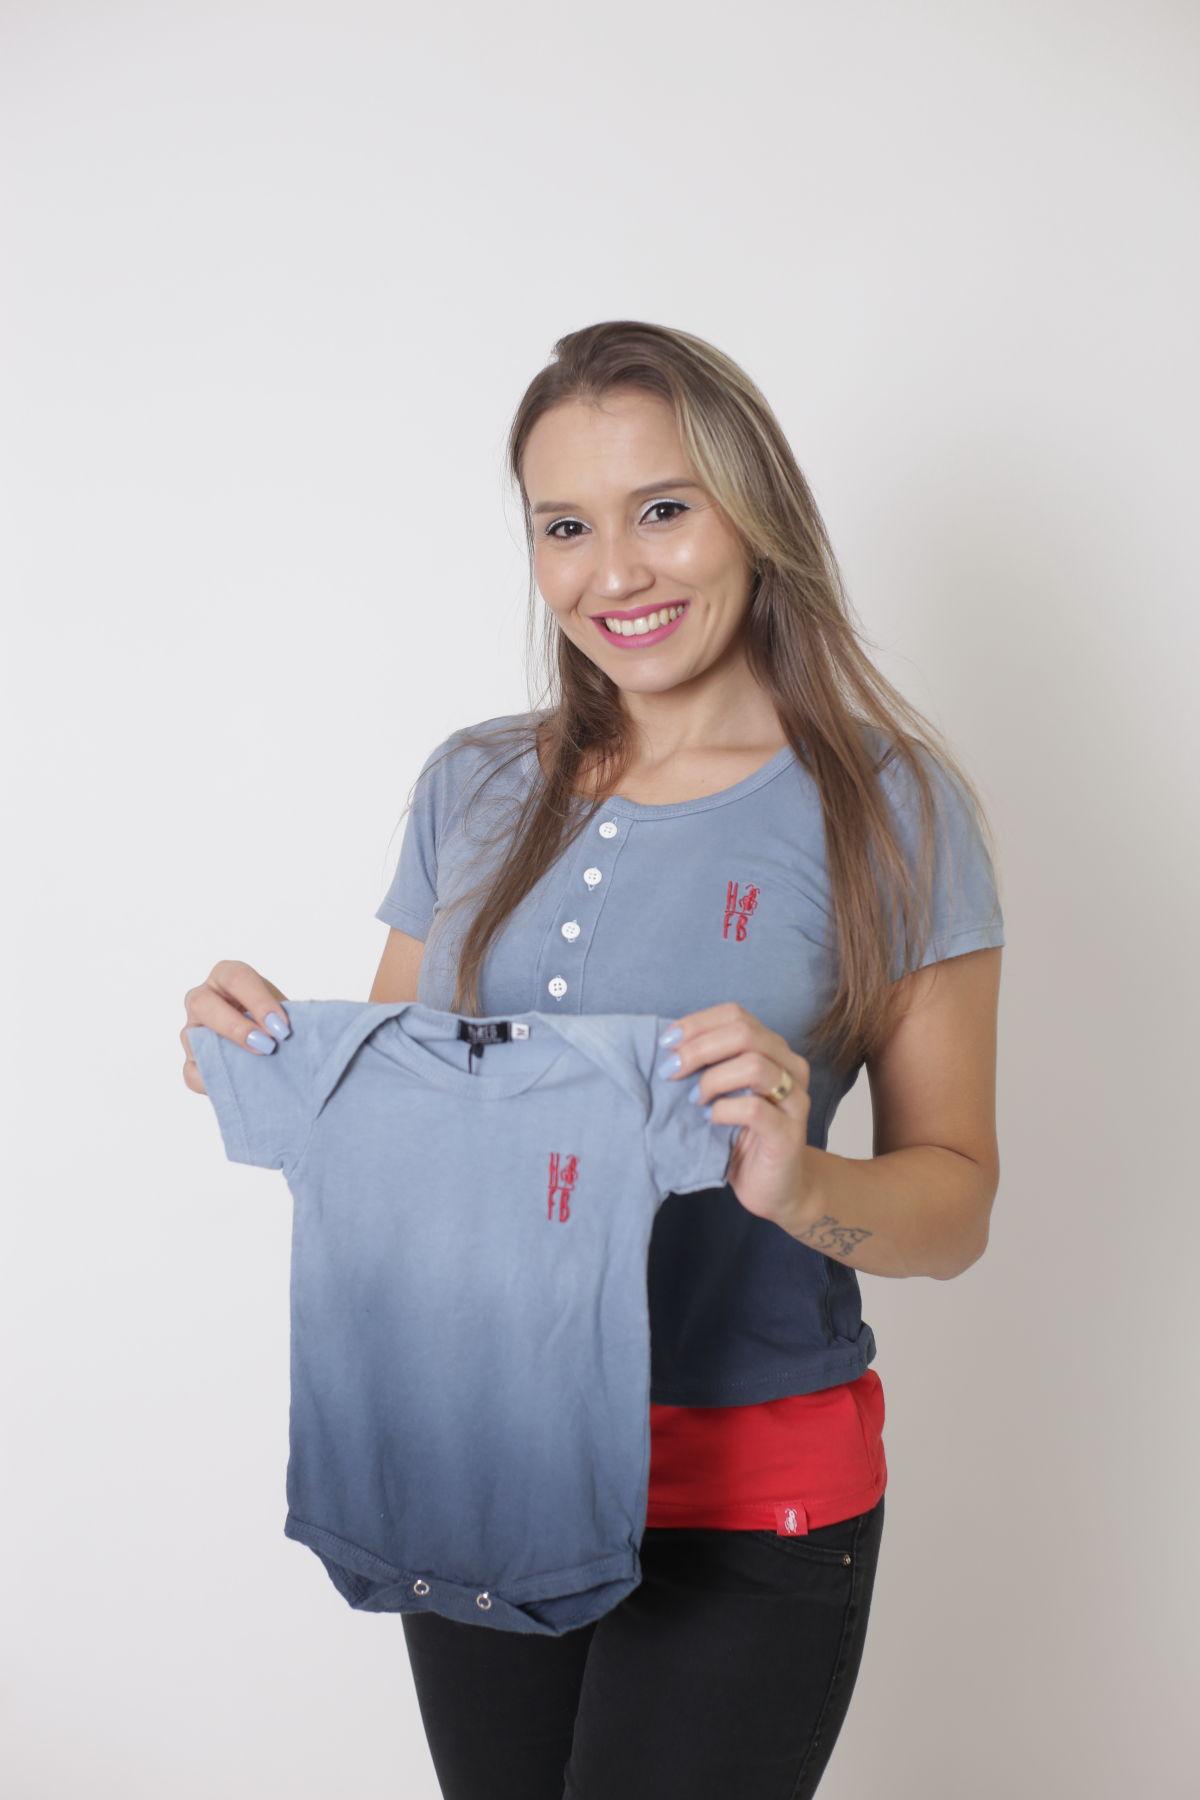 MÃE E FILHOS > Kit 02 Peças - T-Shirt + Body Degradê [Coleção Tal Mãe Tal Filho]